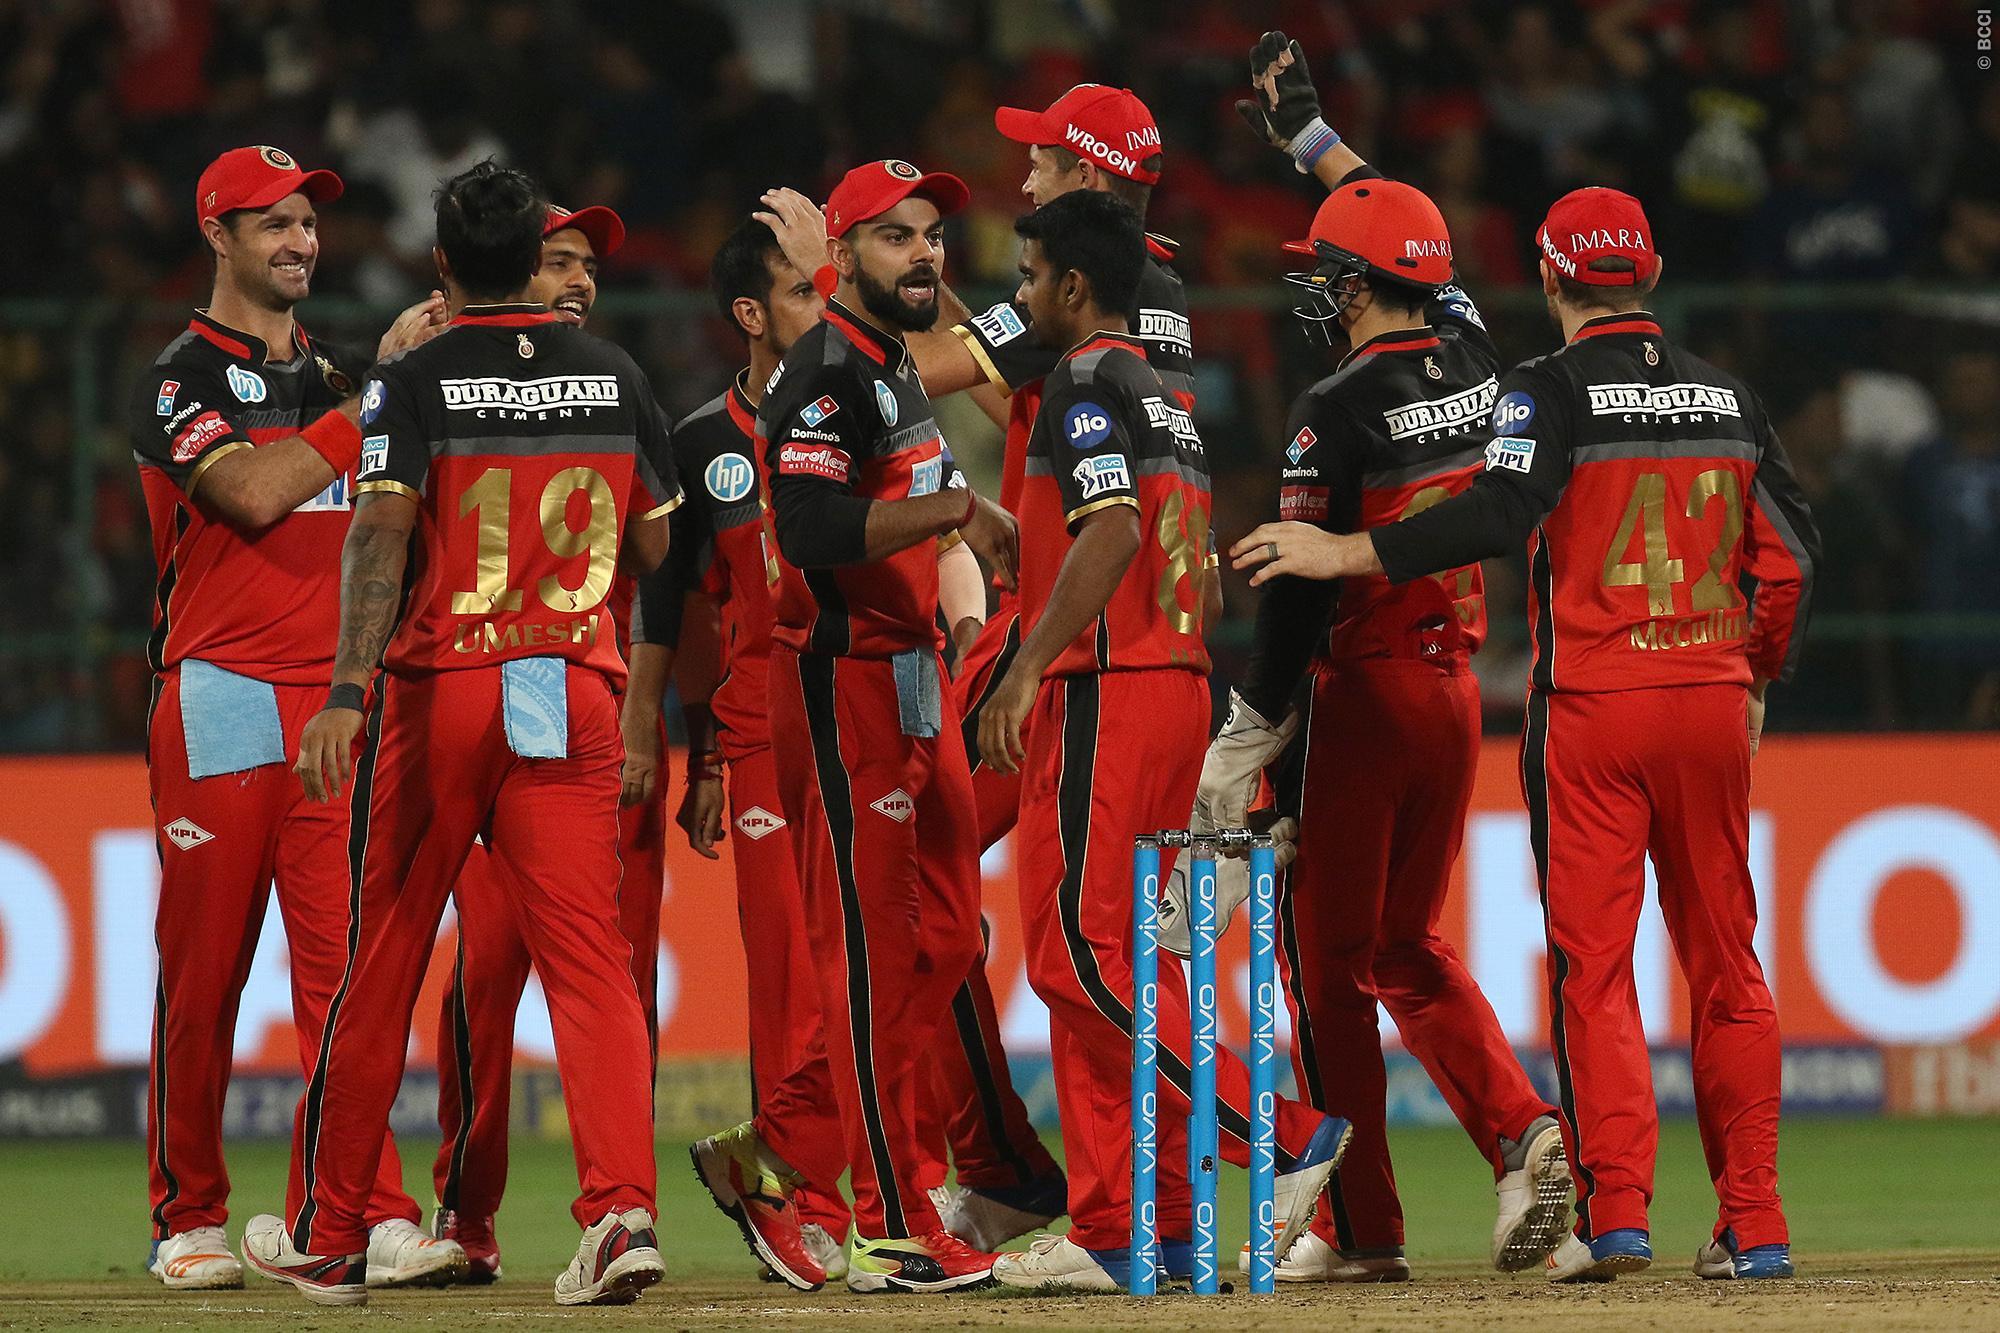 IPL 2018: अभी प्ले ऑफ में जगह बना सकती है रॉयल चैलेंजर बैंगलोर, सिर्फ इतने मैचो में हासिल करना होगा जीत 2